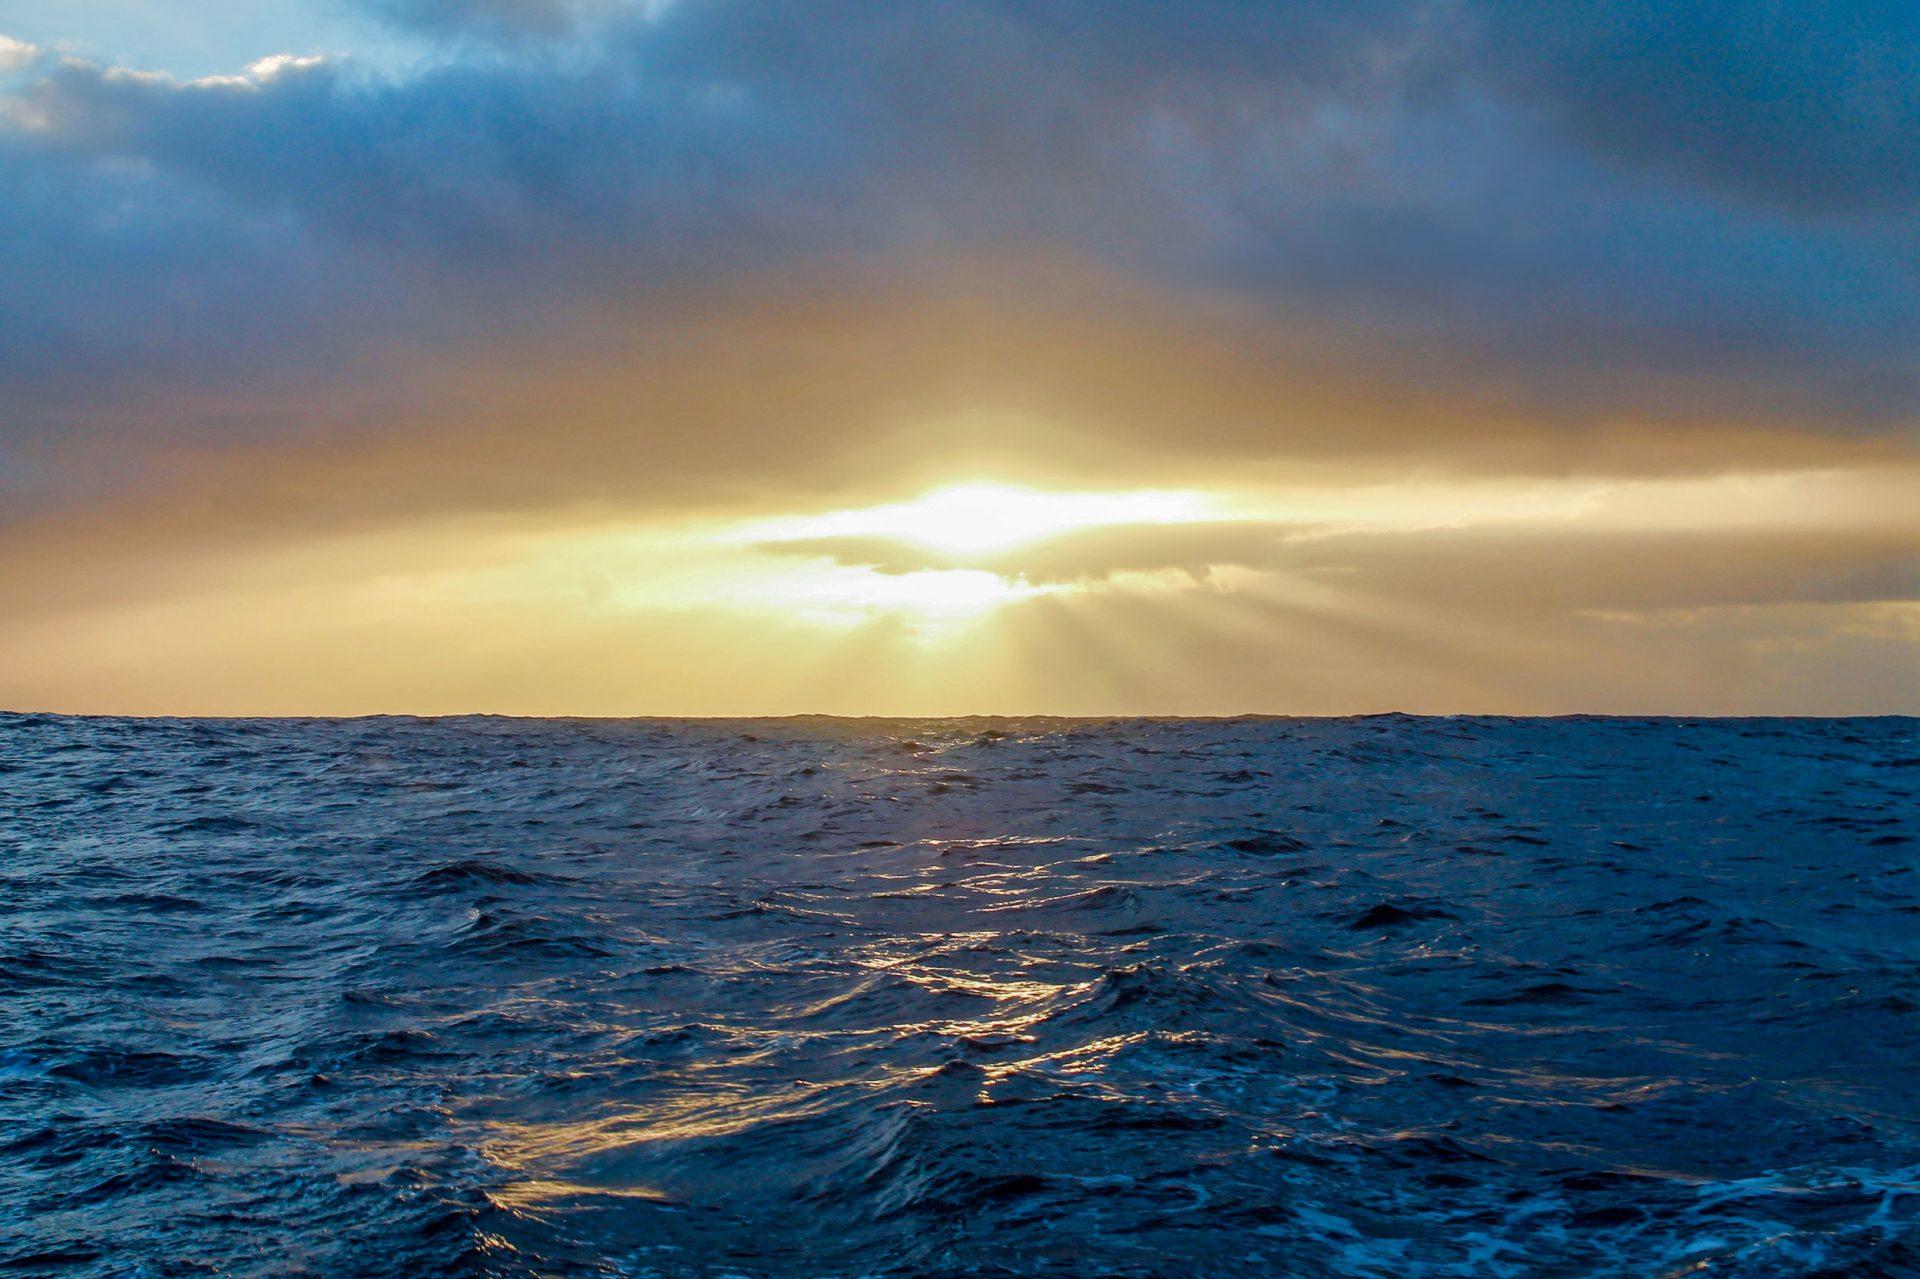 проходит воды мирового океана картинки залить